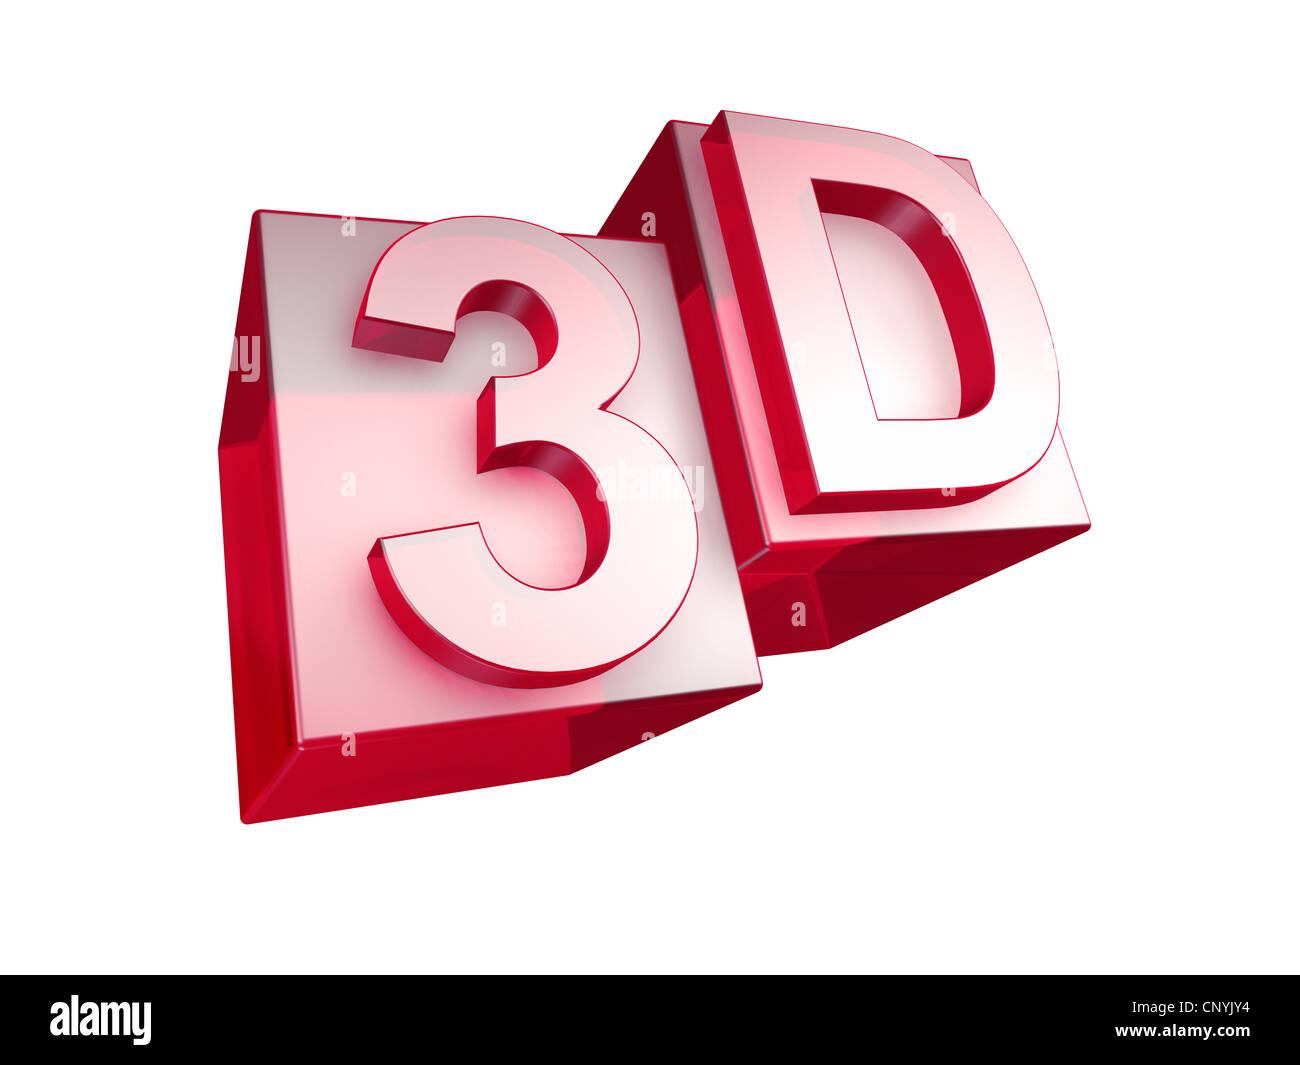 Le mot en rouge 3D en verre 3D lettres sur fond blanc - das Wort red aus roten 3D Buchstaben gesetzt Photo Stock